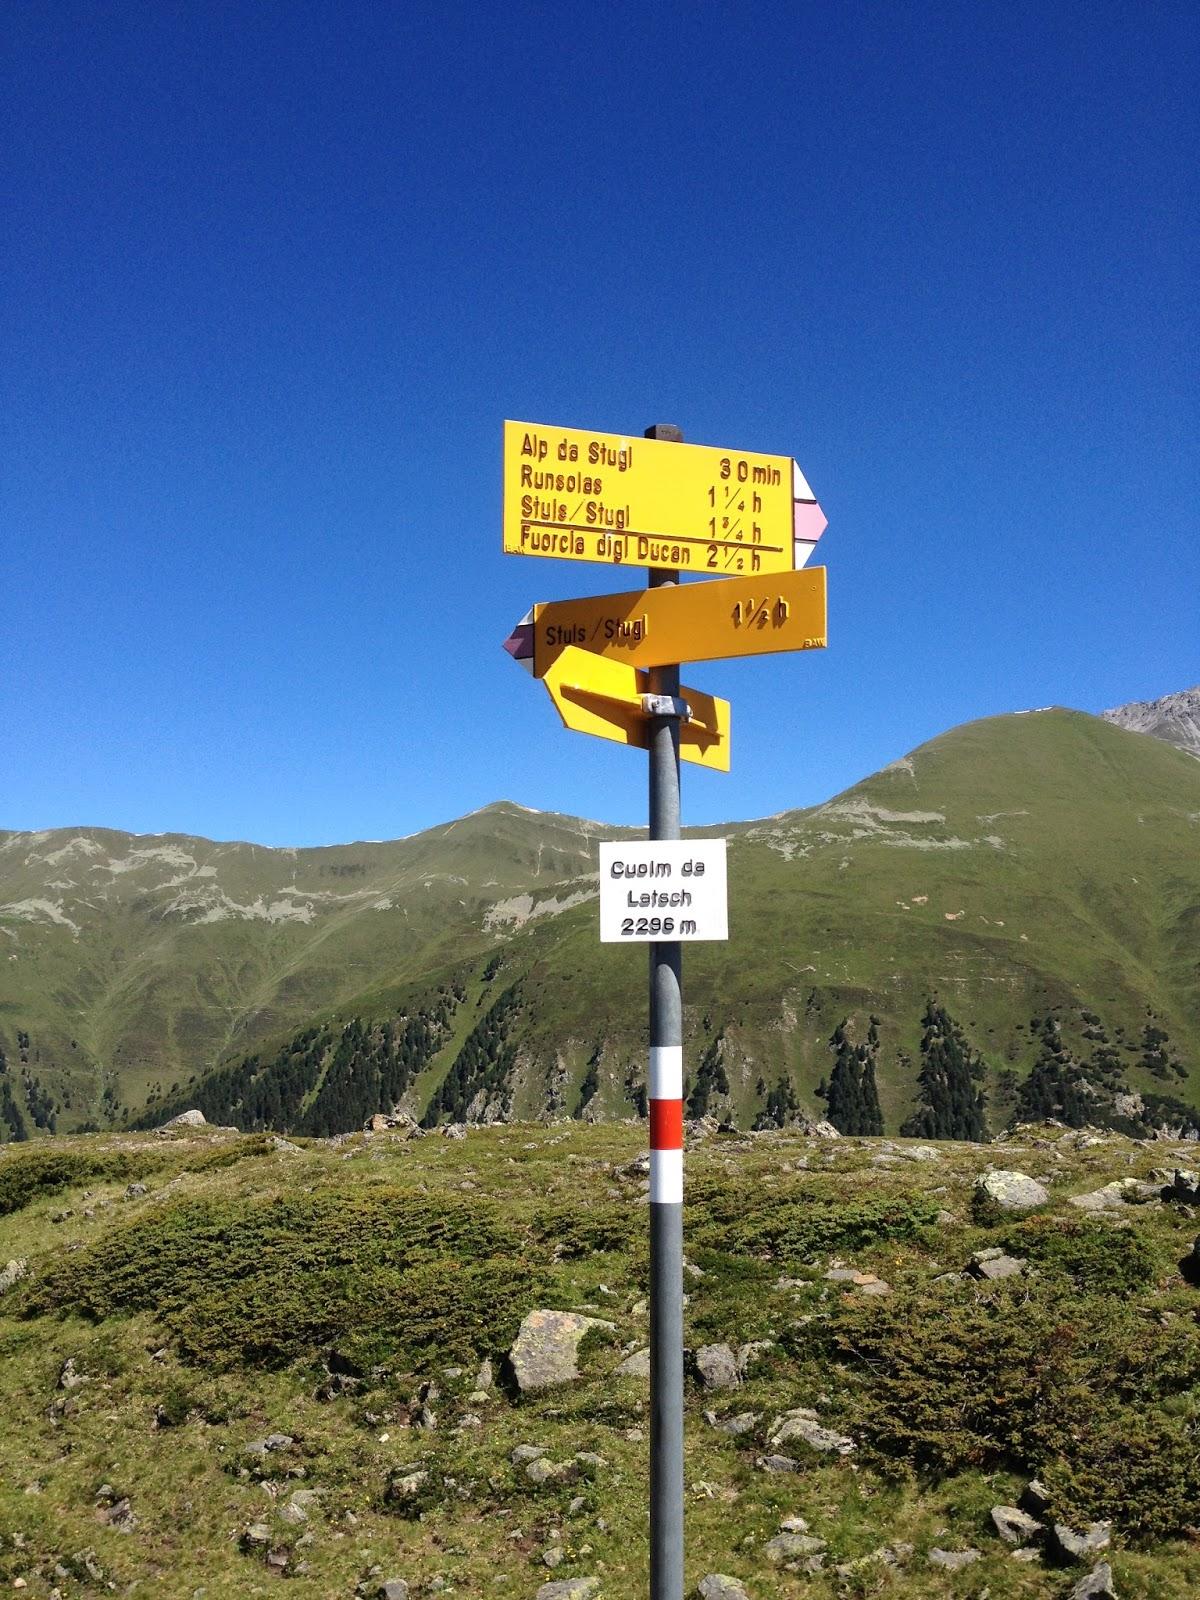 Summo in monte Cuolm da Latsch vocitato